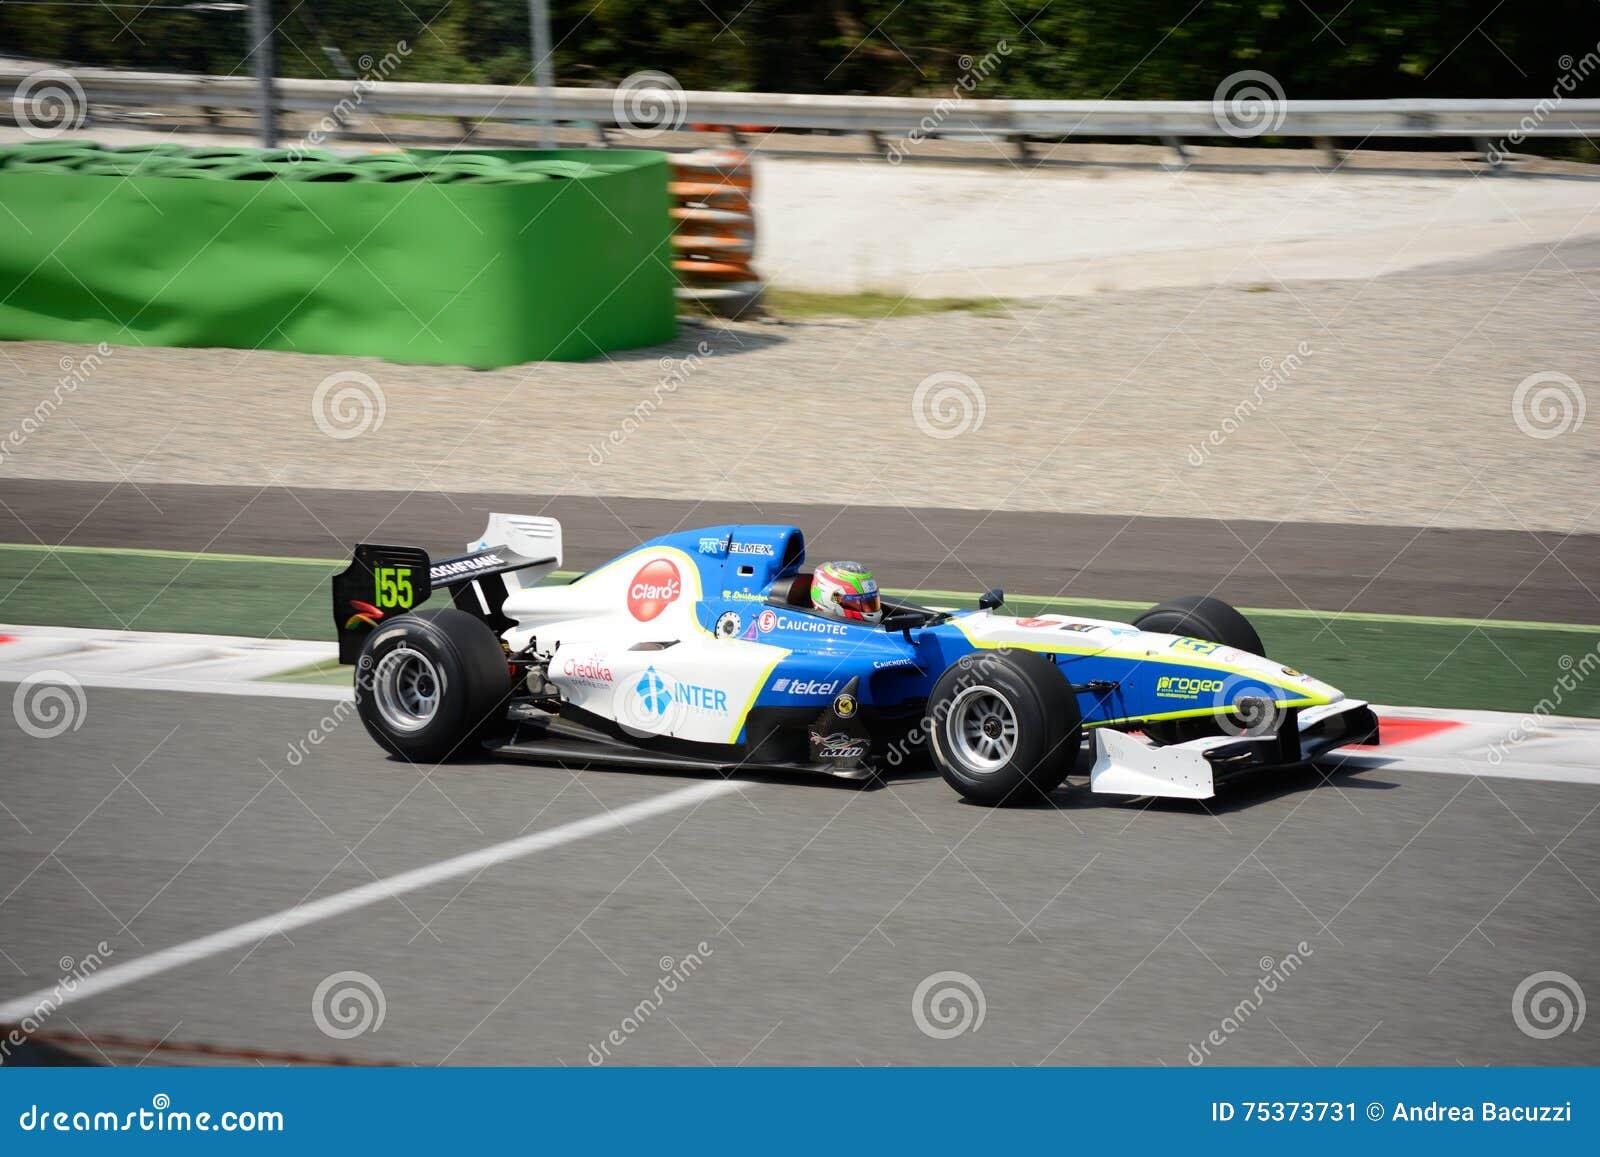 A1 Grand Prix Formula Car